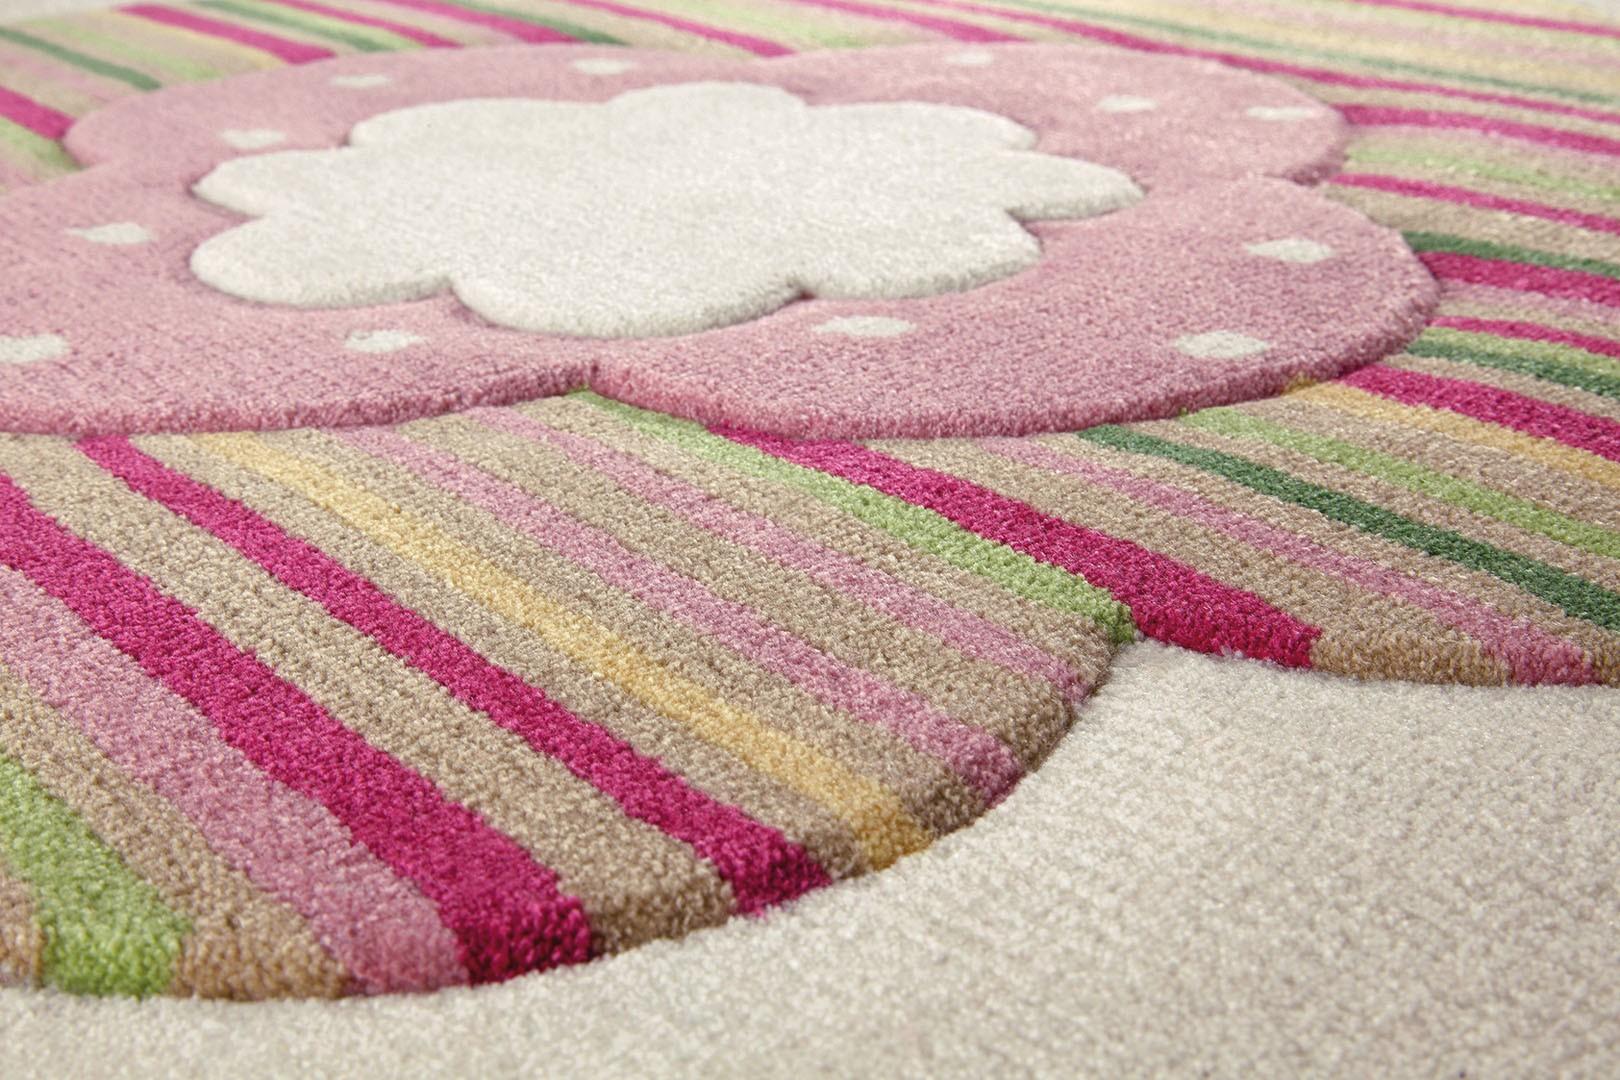 tapis chambre fille tapis pour chambre de fille blanc flower shapes par esprit home - Tapis De Chambre Fille